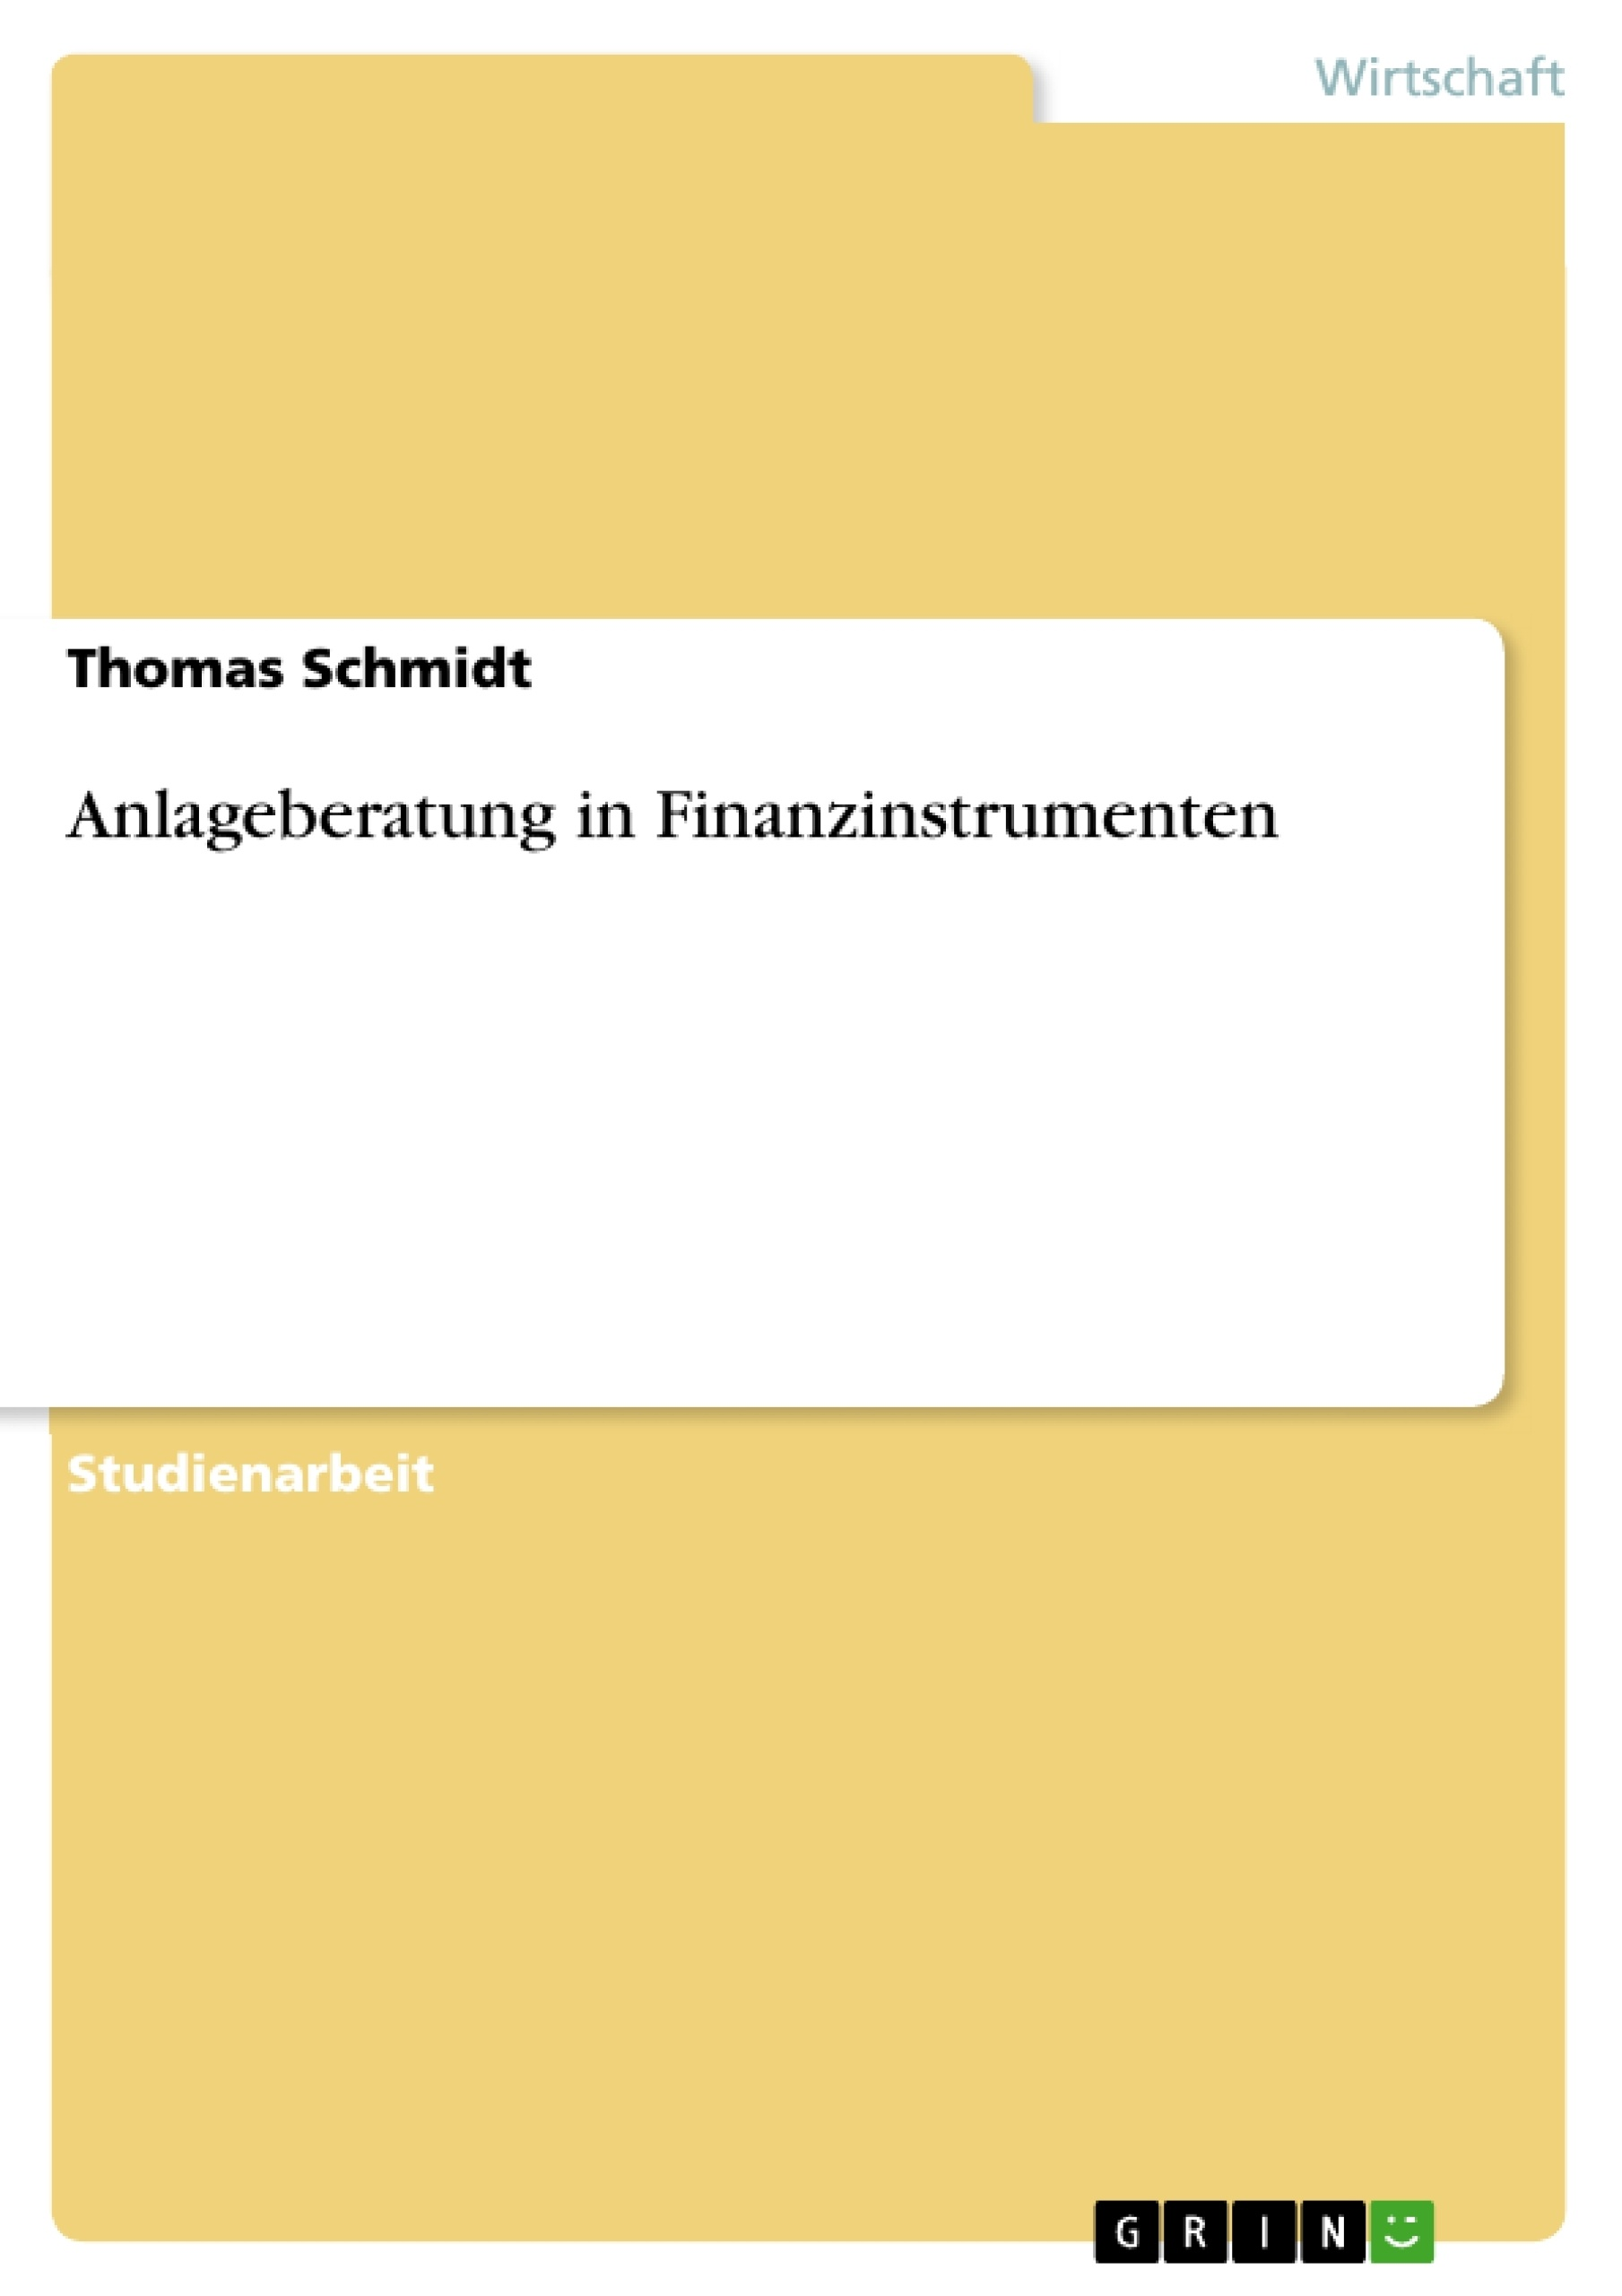 Titel: Anlageberatung in Finanzinstrumenten